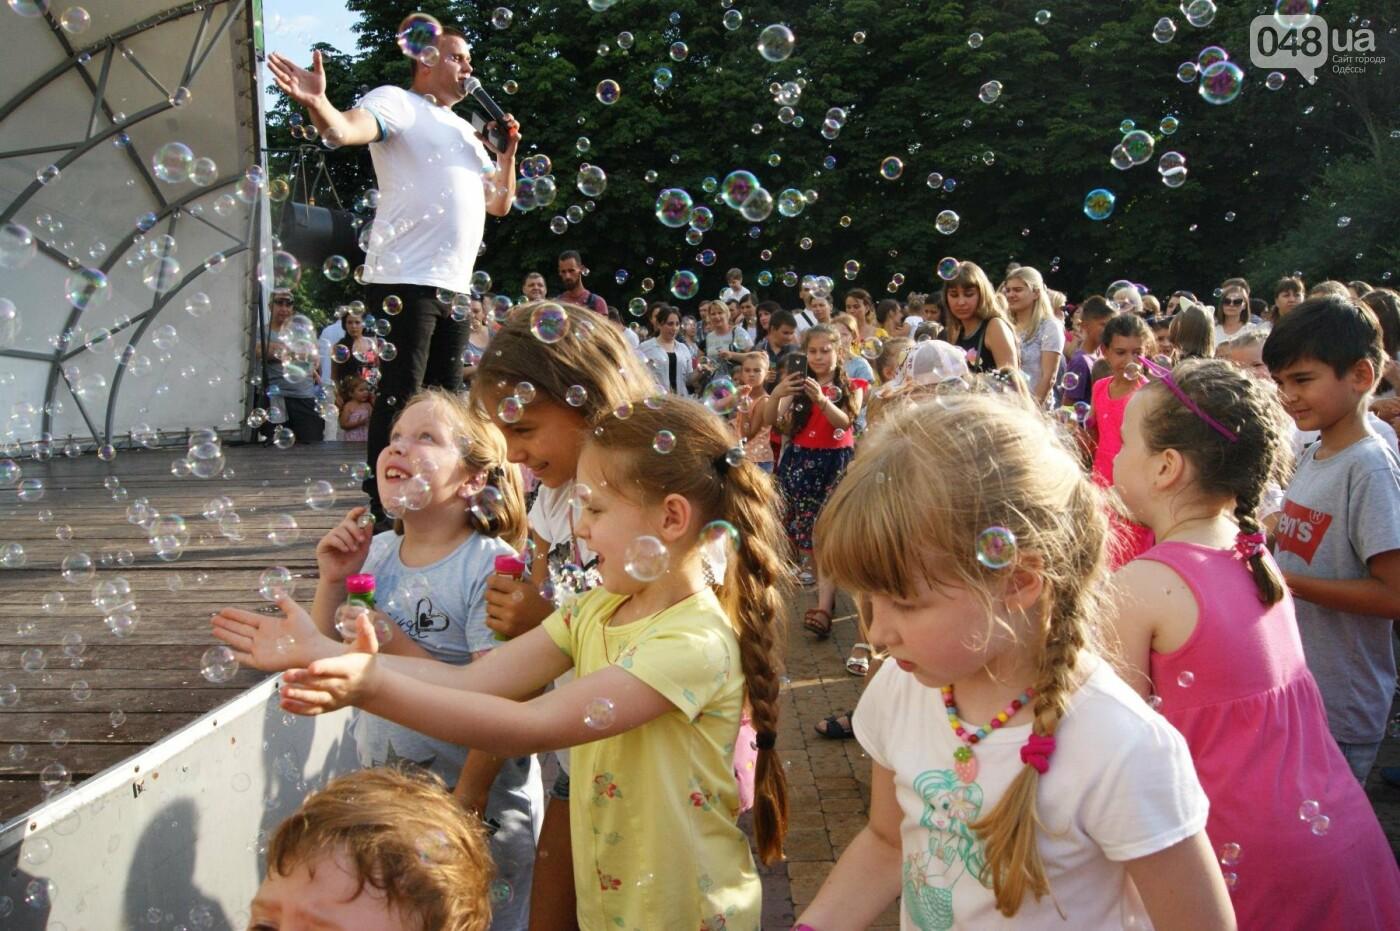 В Одессе в небо выпустили тысячи мыльных пузырей, - ФОТО, ВИДЕО, фото-7